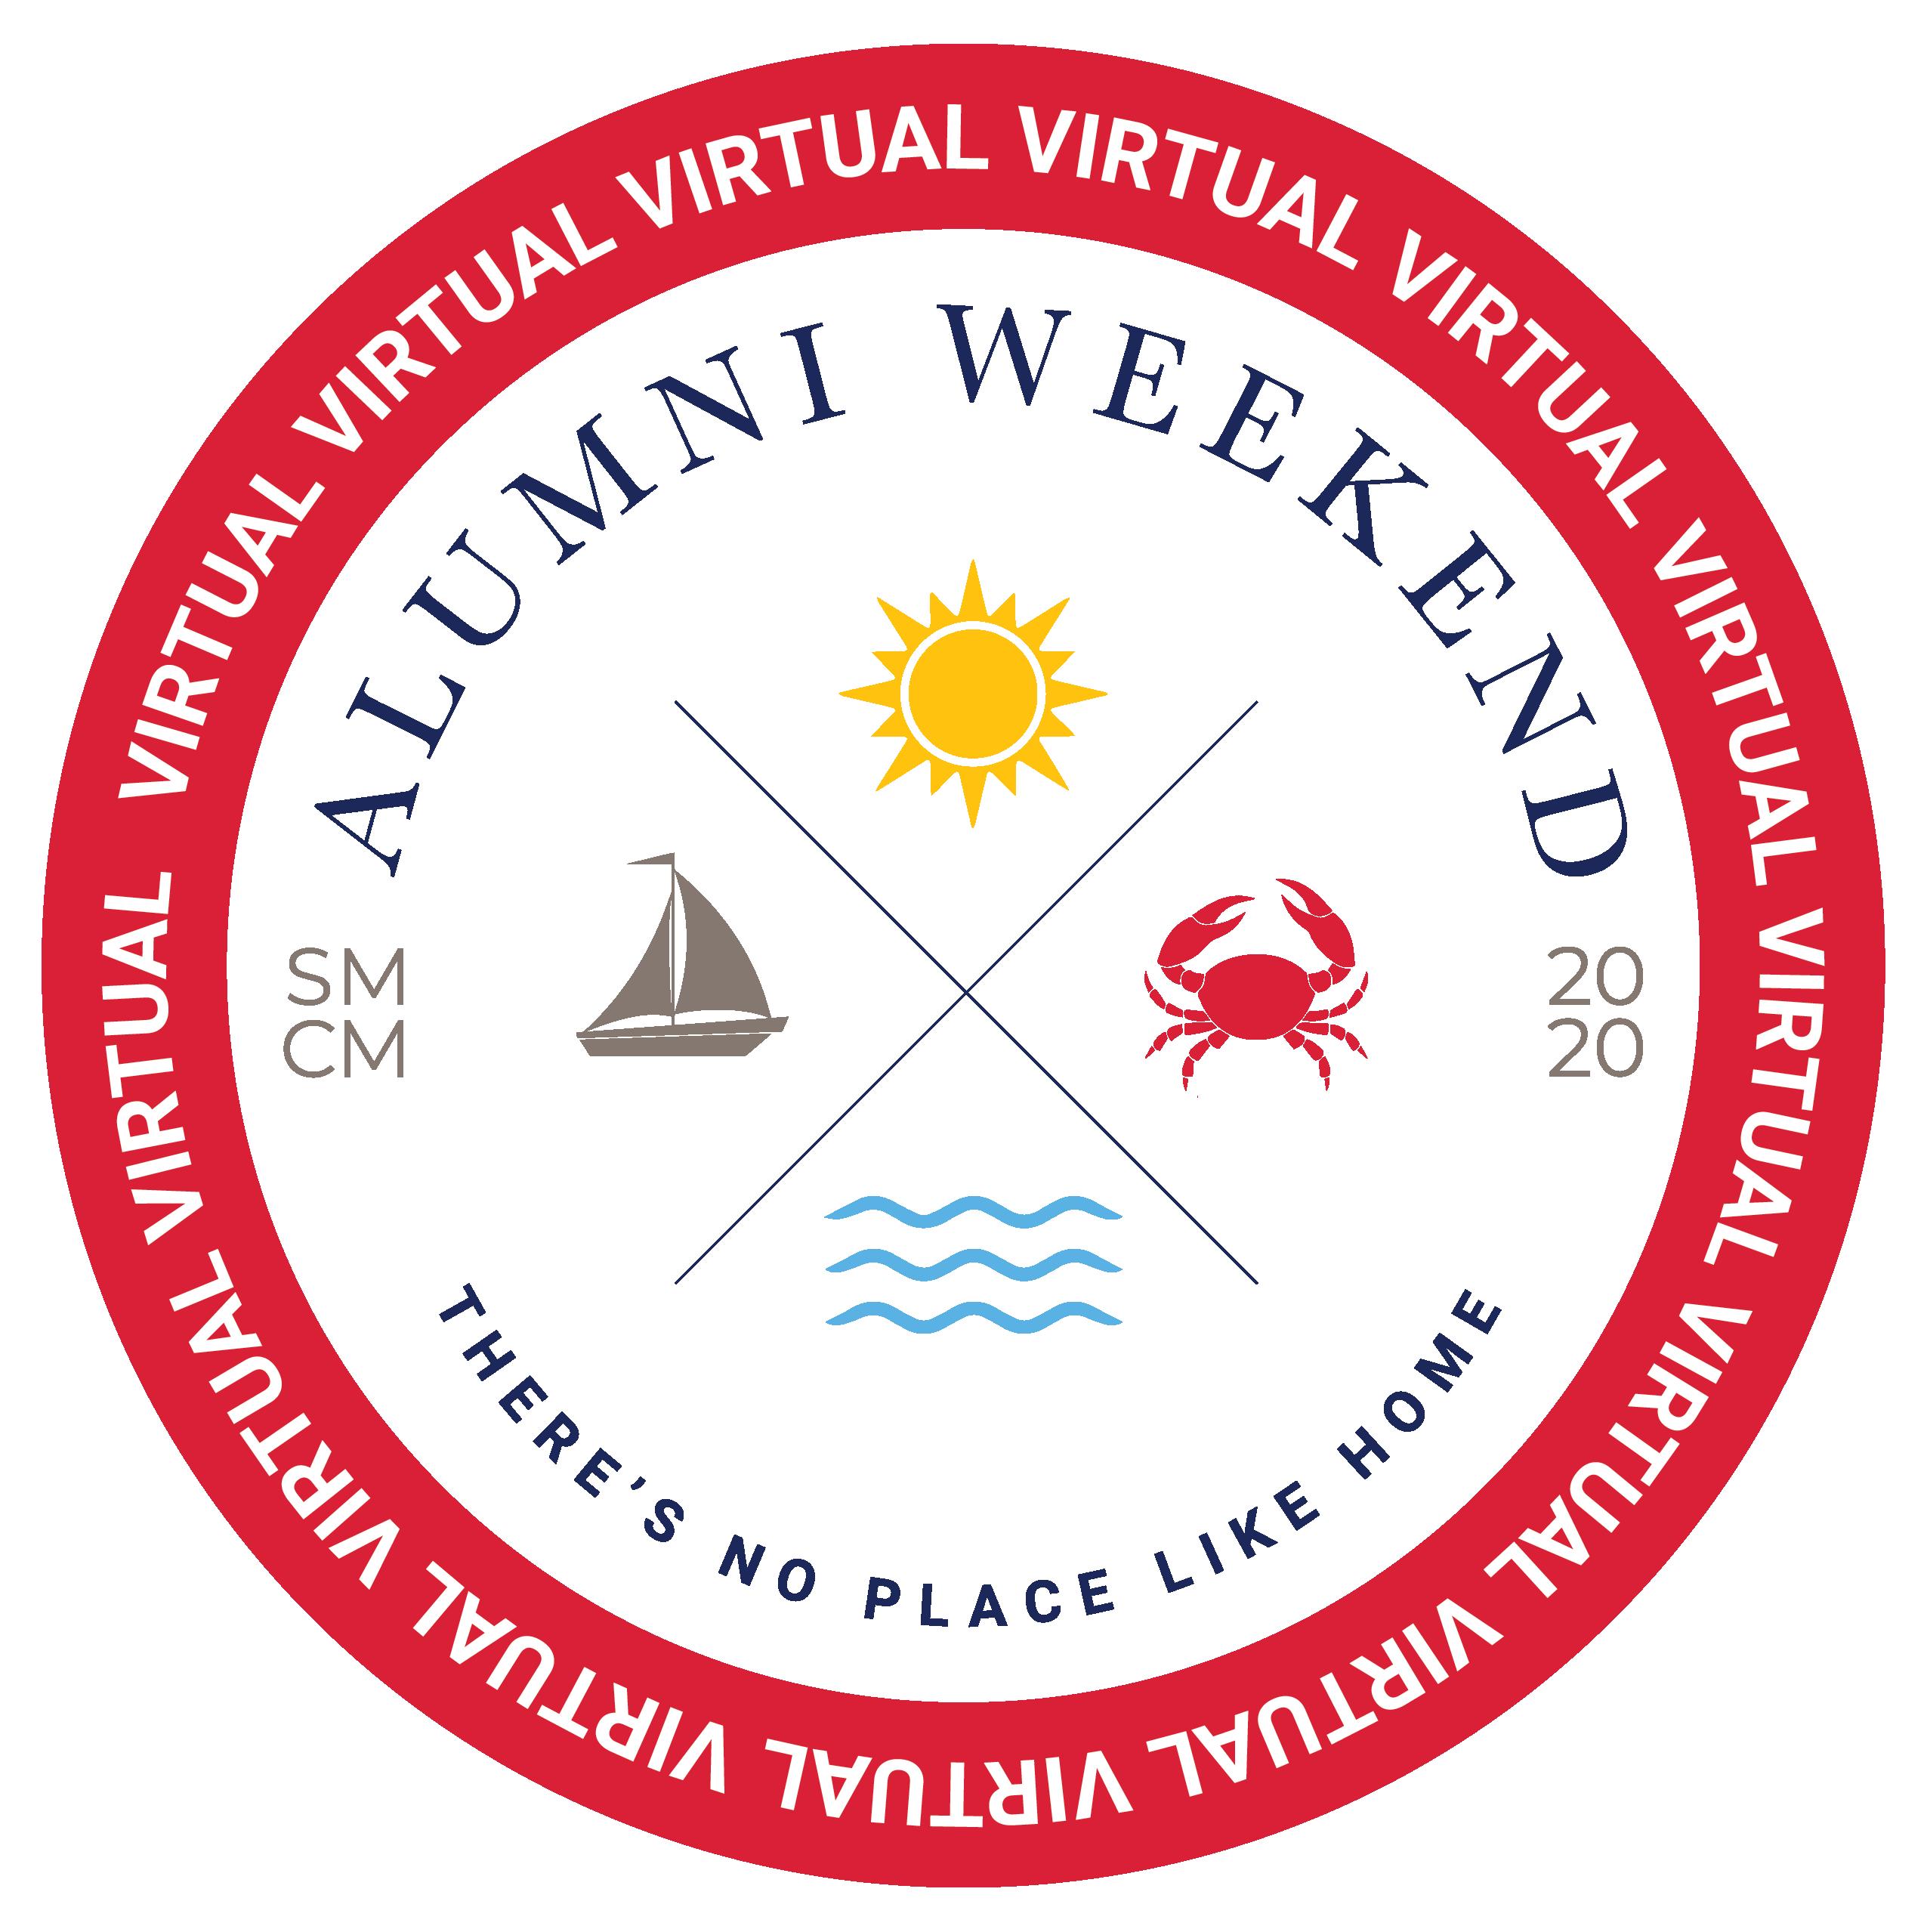 MASTER_Alumni Weekend Assets 2020_Full Color_VAW Logo_2020